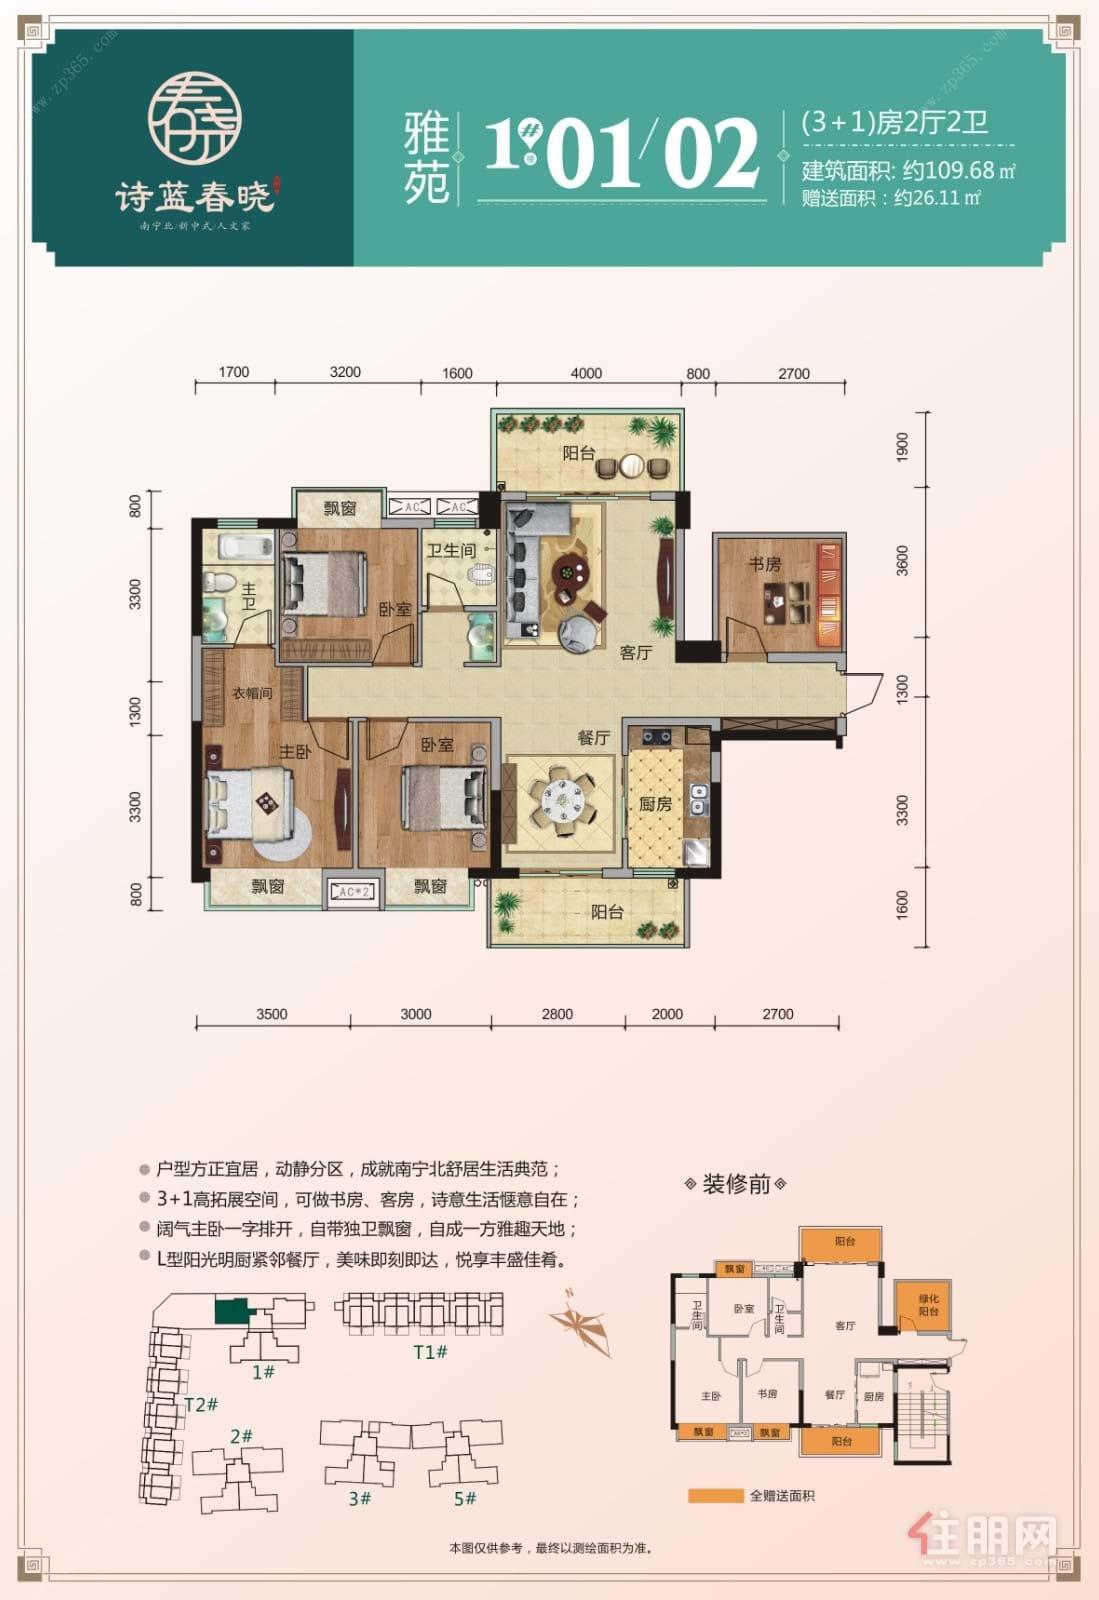 诗蓝春晓1#01/02 109㎡|4室2厅2卫1厨2阳台